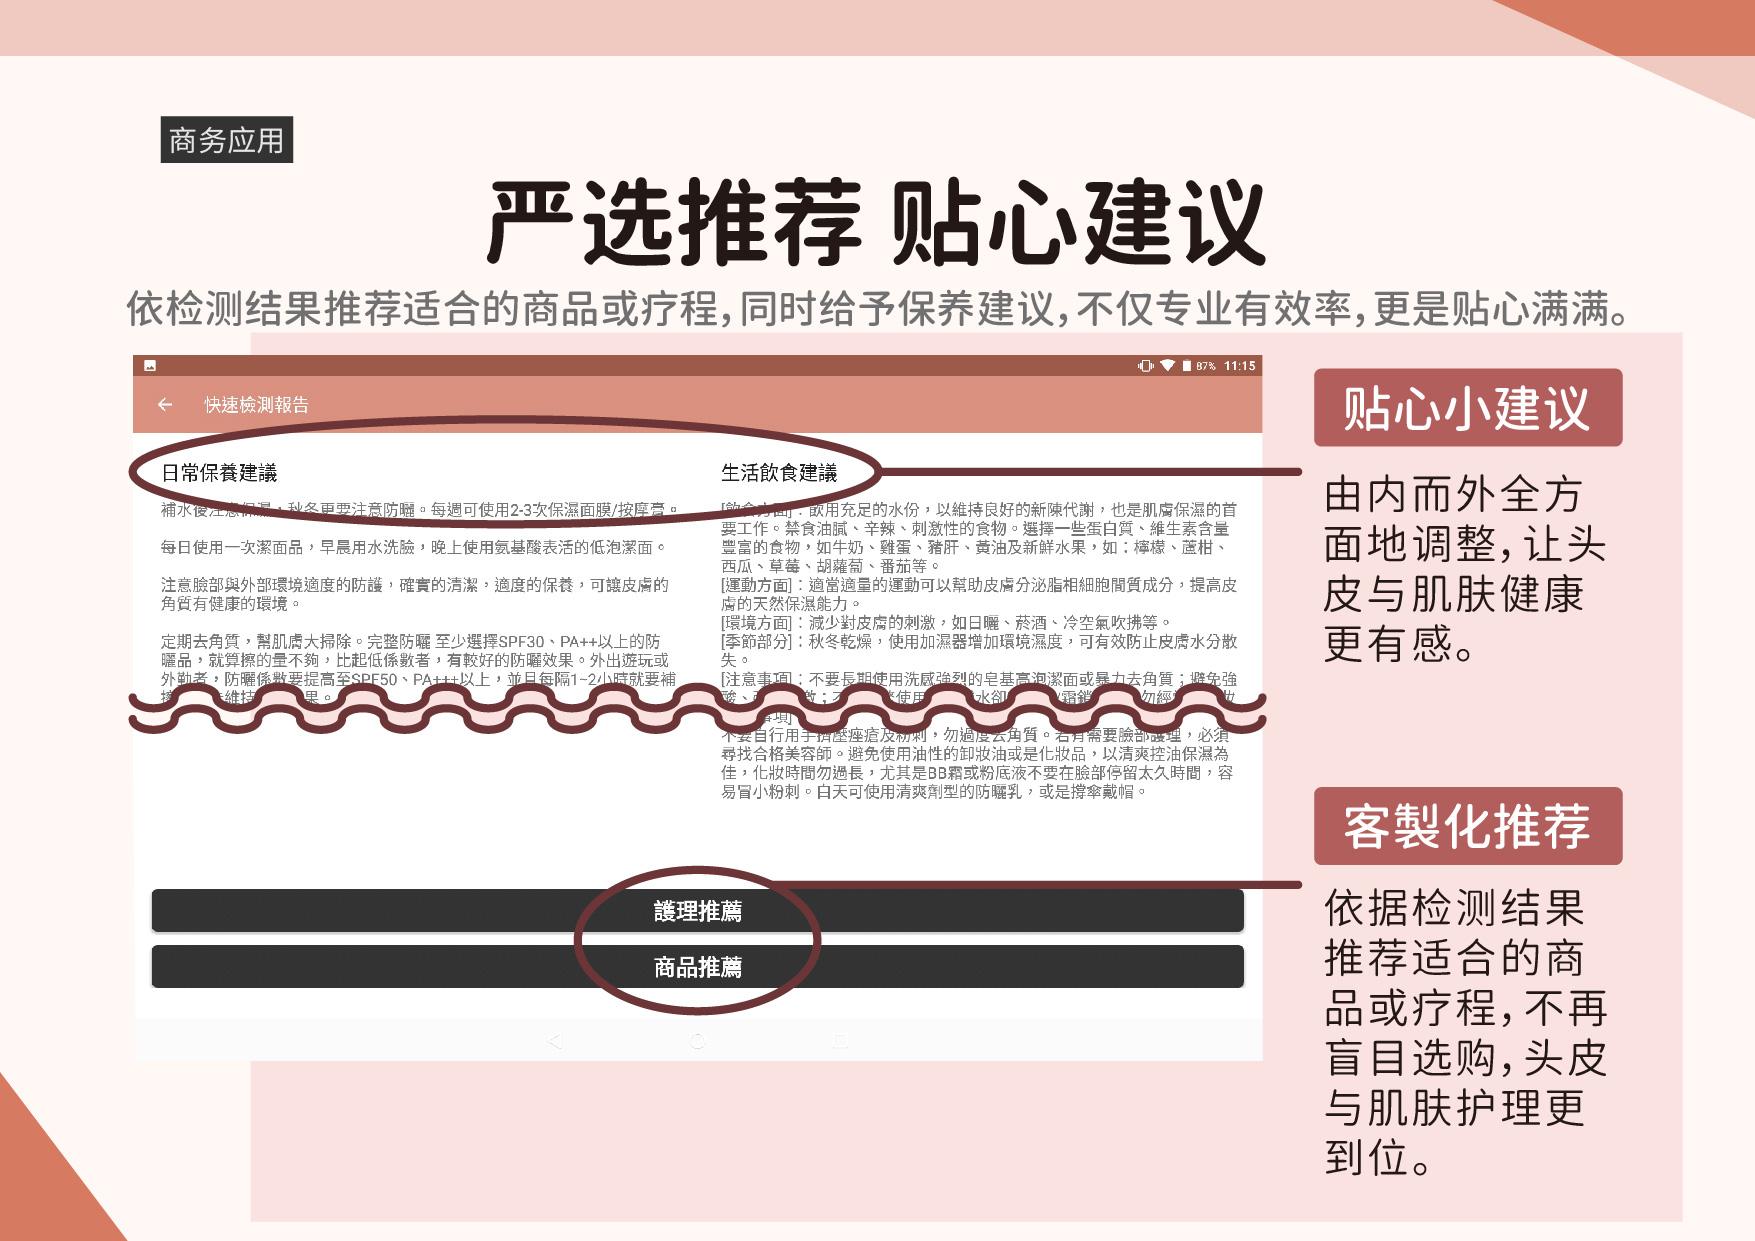 扫一扫 拿报告:扫描QRCode,可透过LINE或WeChat取得检测报告,让您尊贵的客人也能带走他的检测结果。